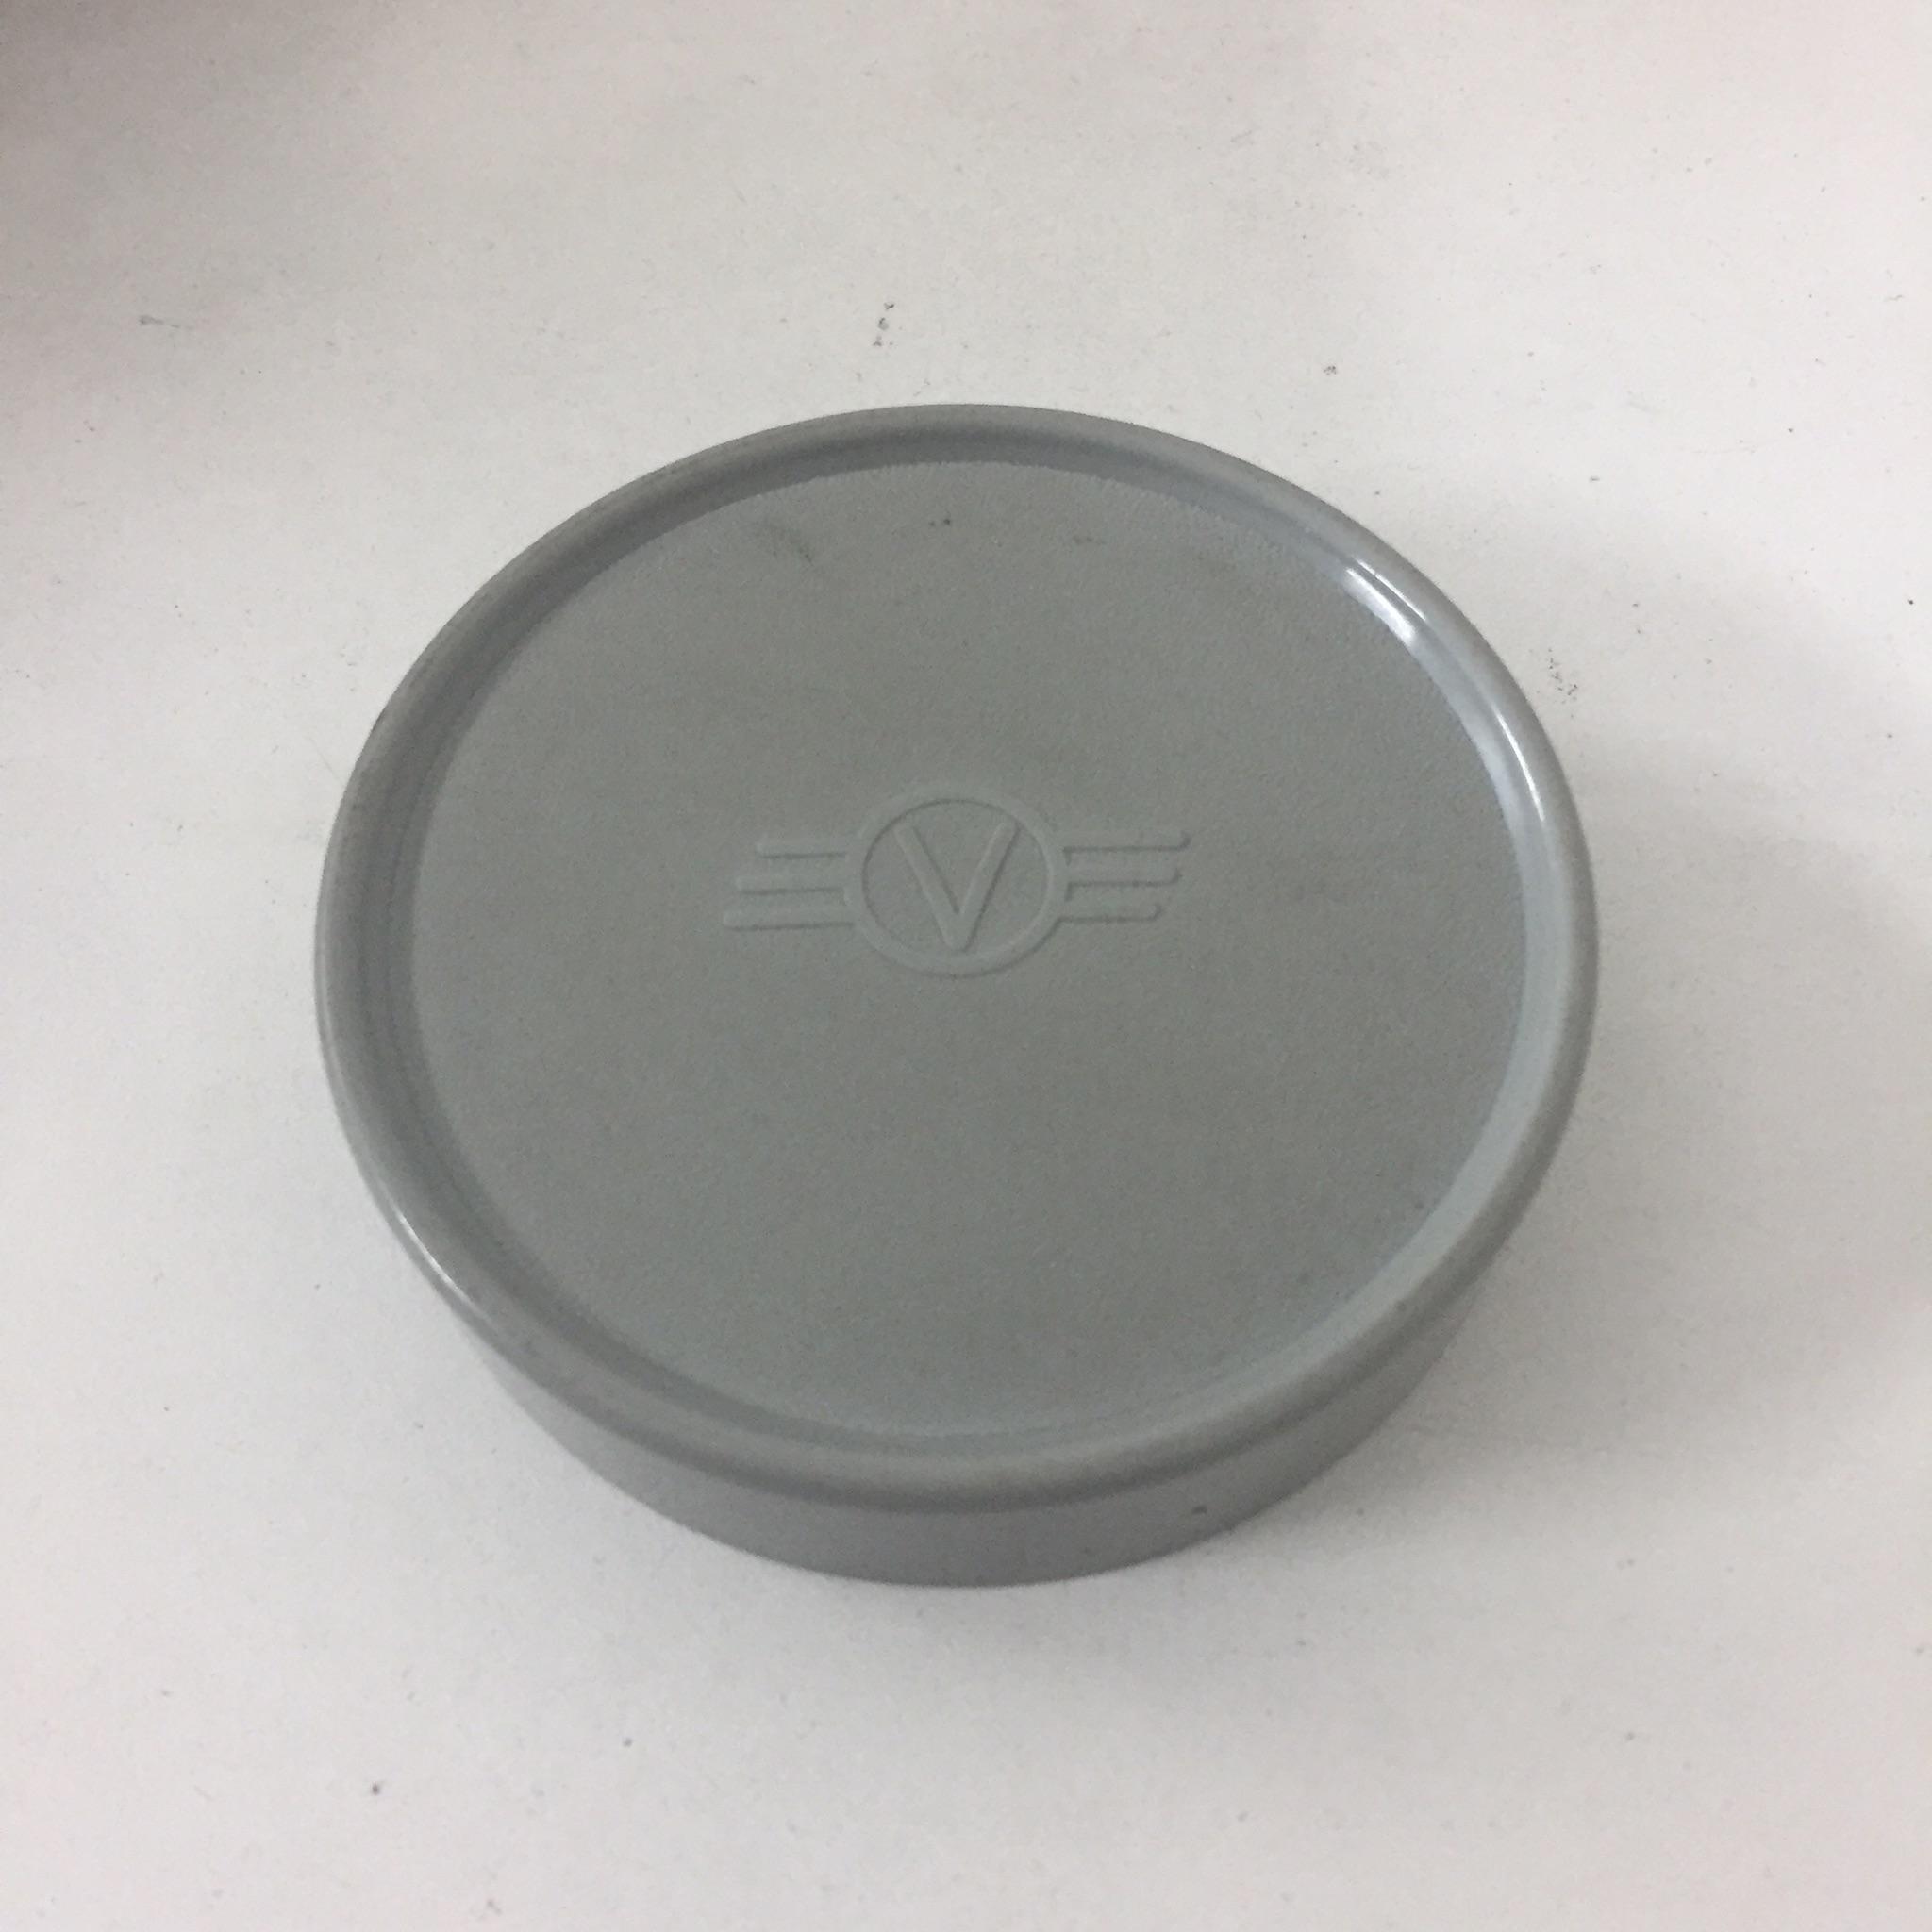 V logo Front lens cap